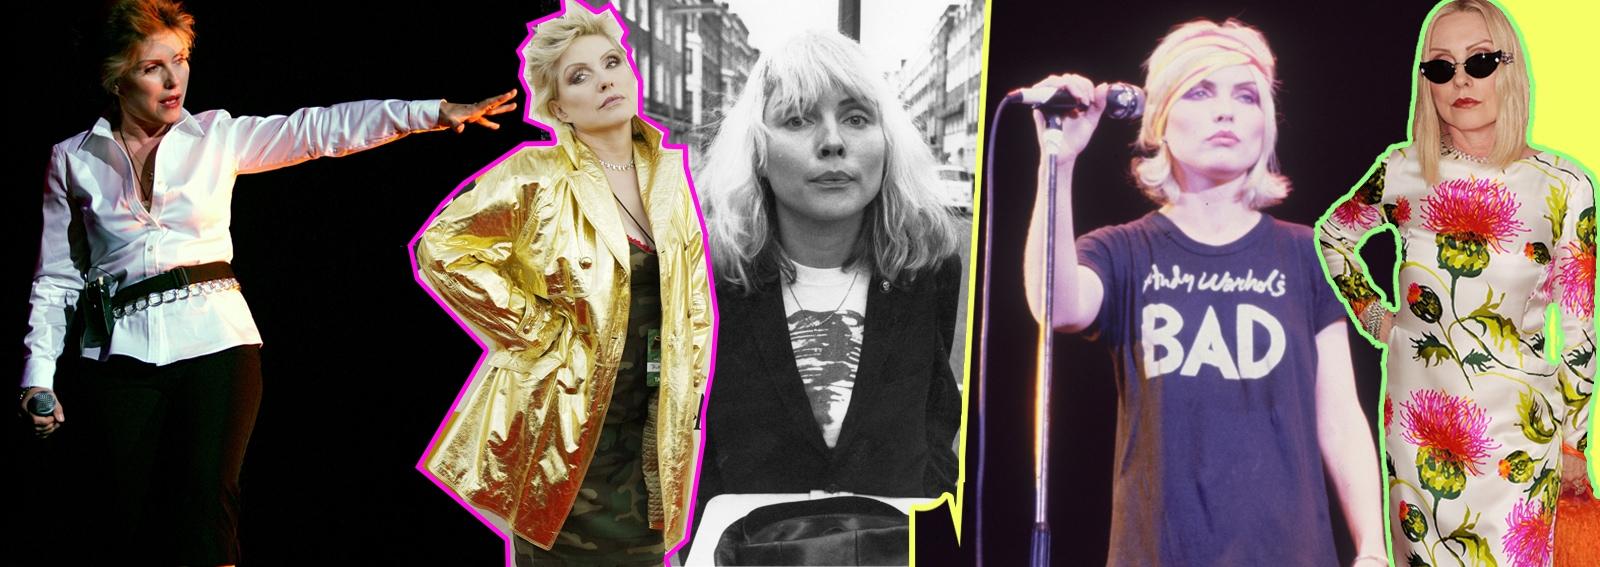 COVER-debbie-harry-blondie-DESKTOP